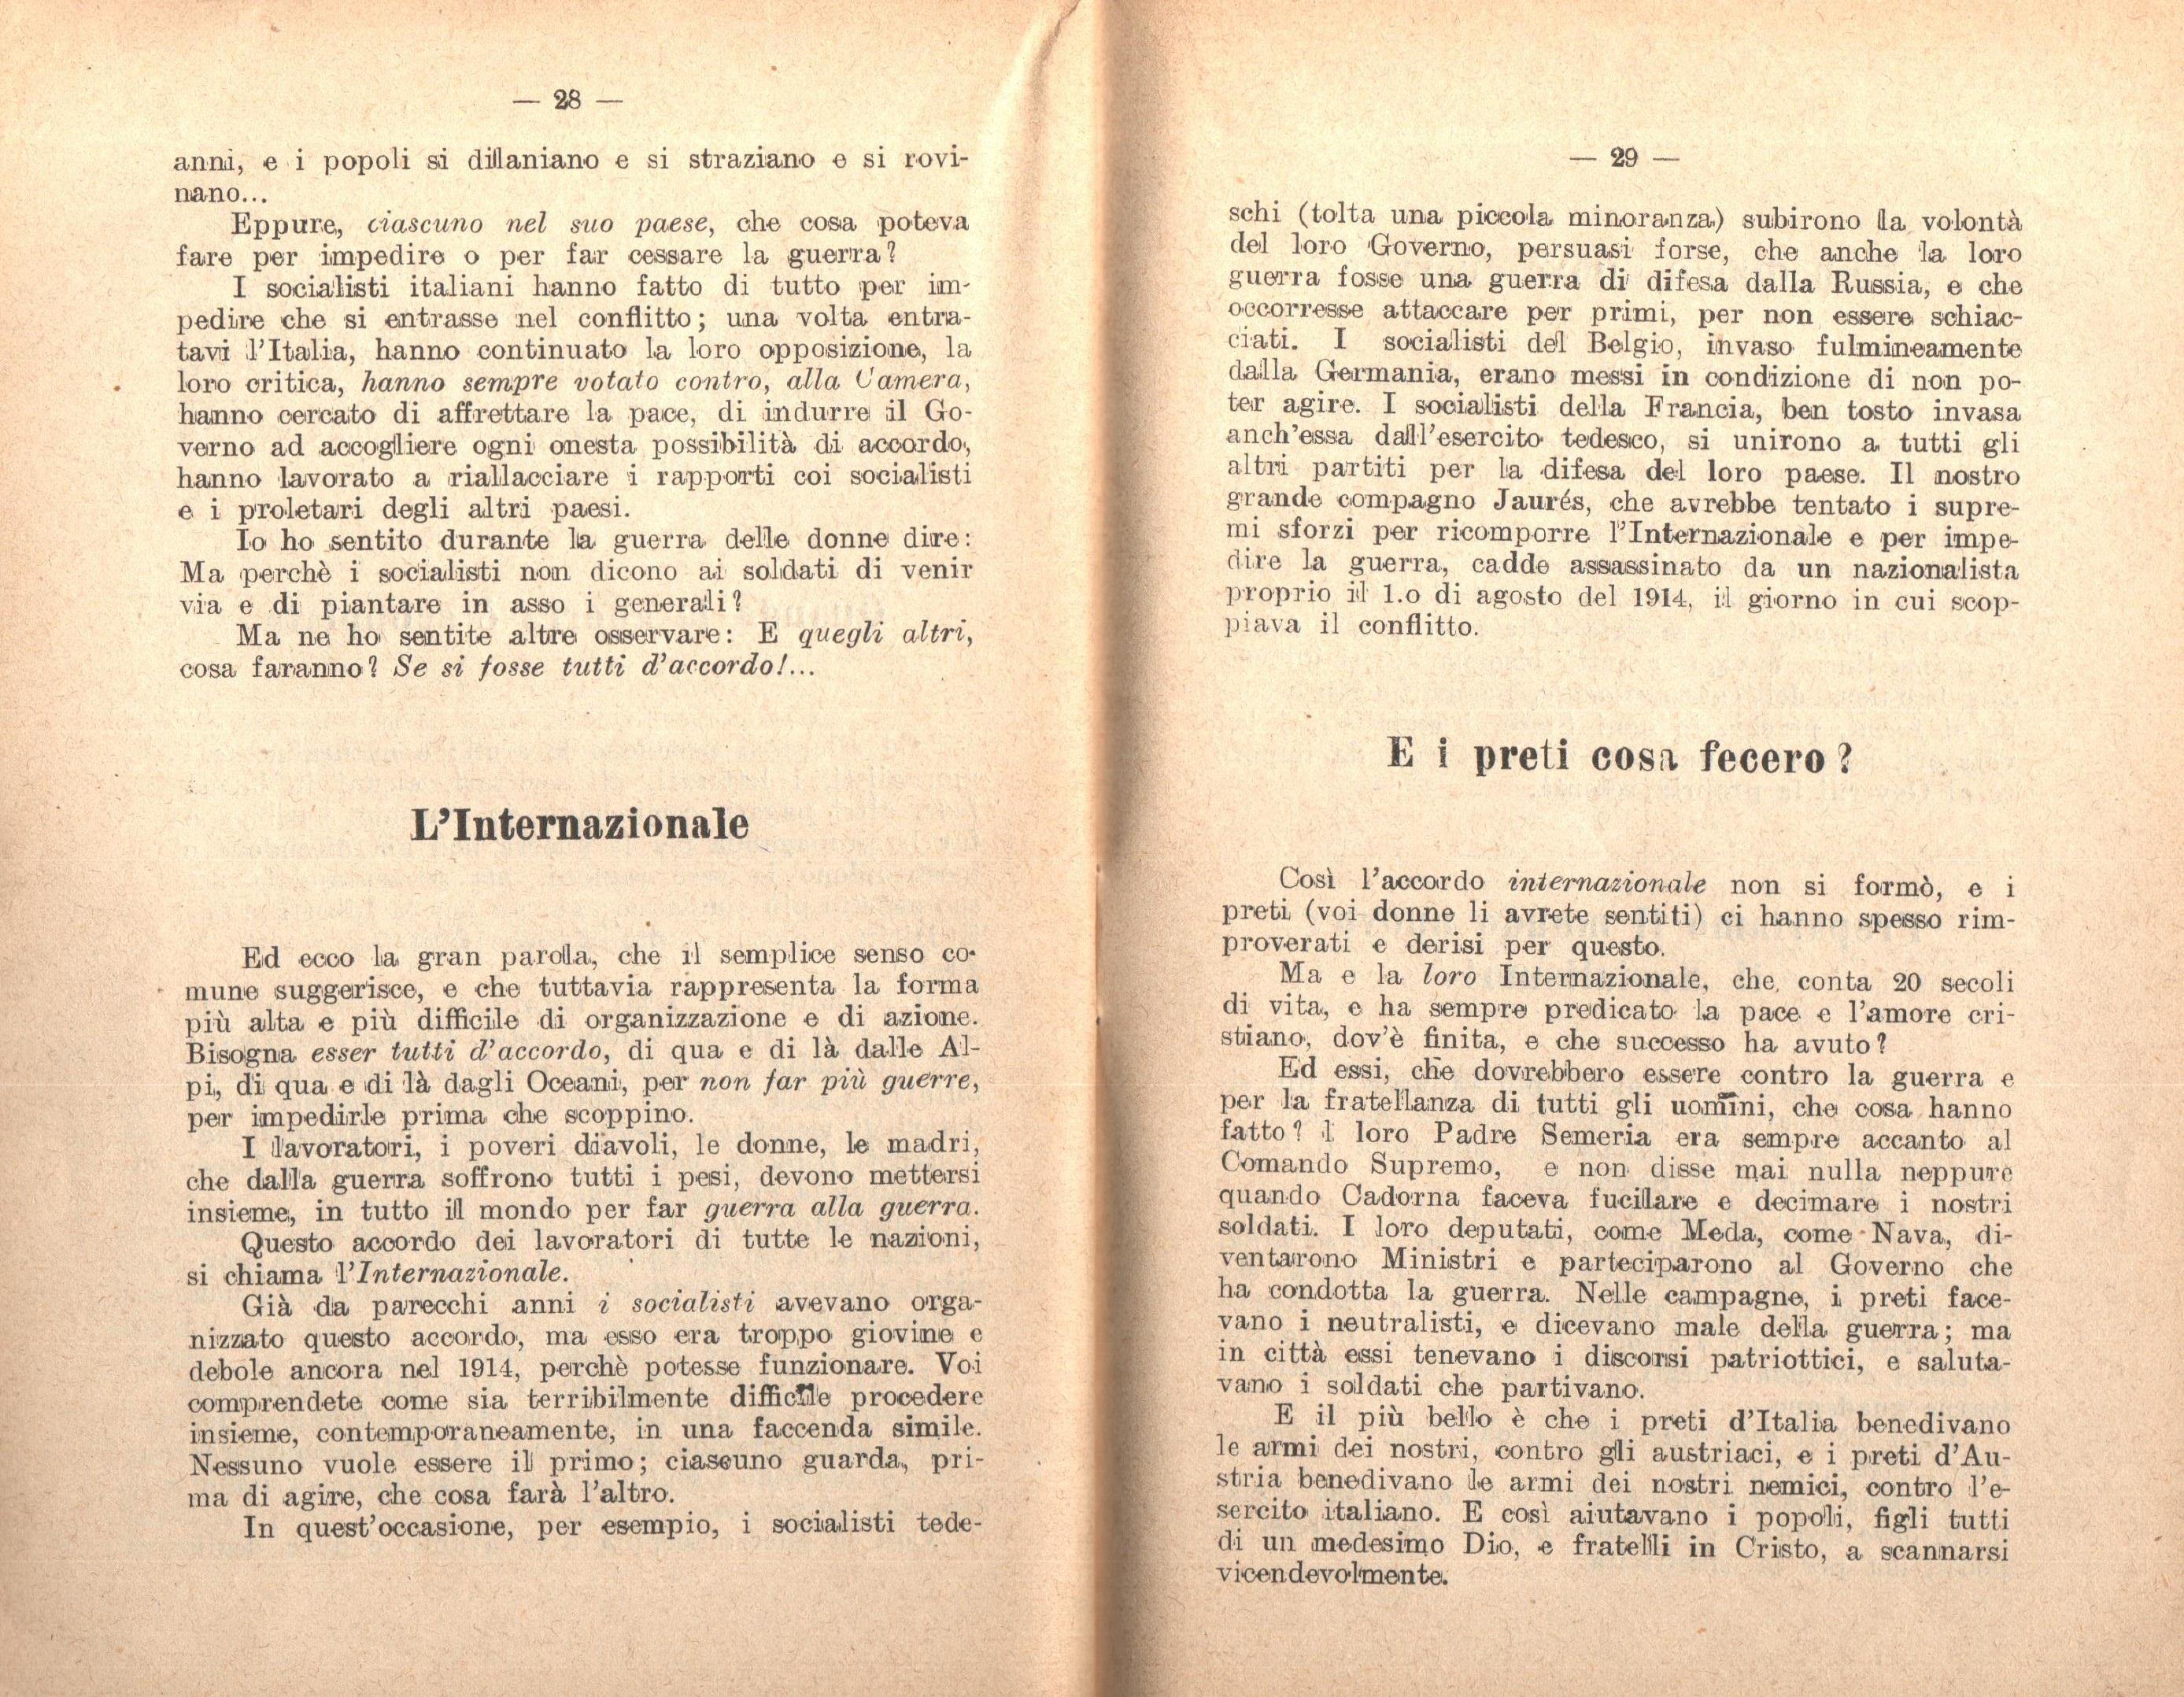 G. Zibordi, Alle donne - pag. 16